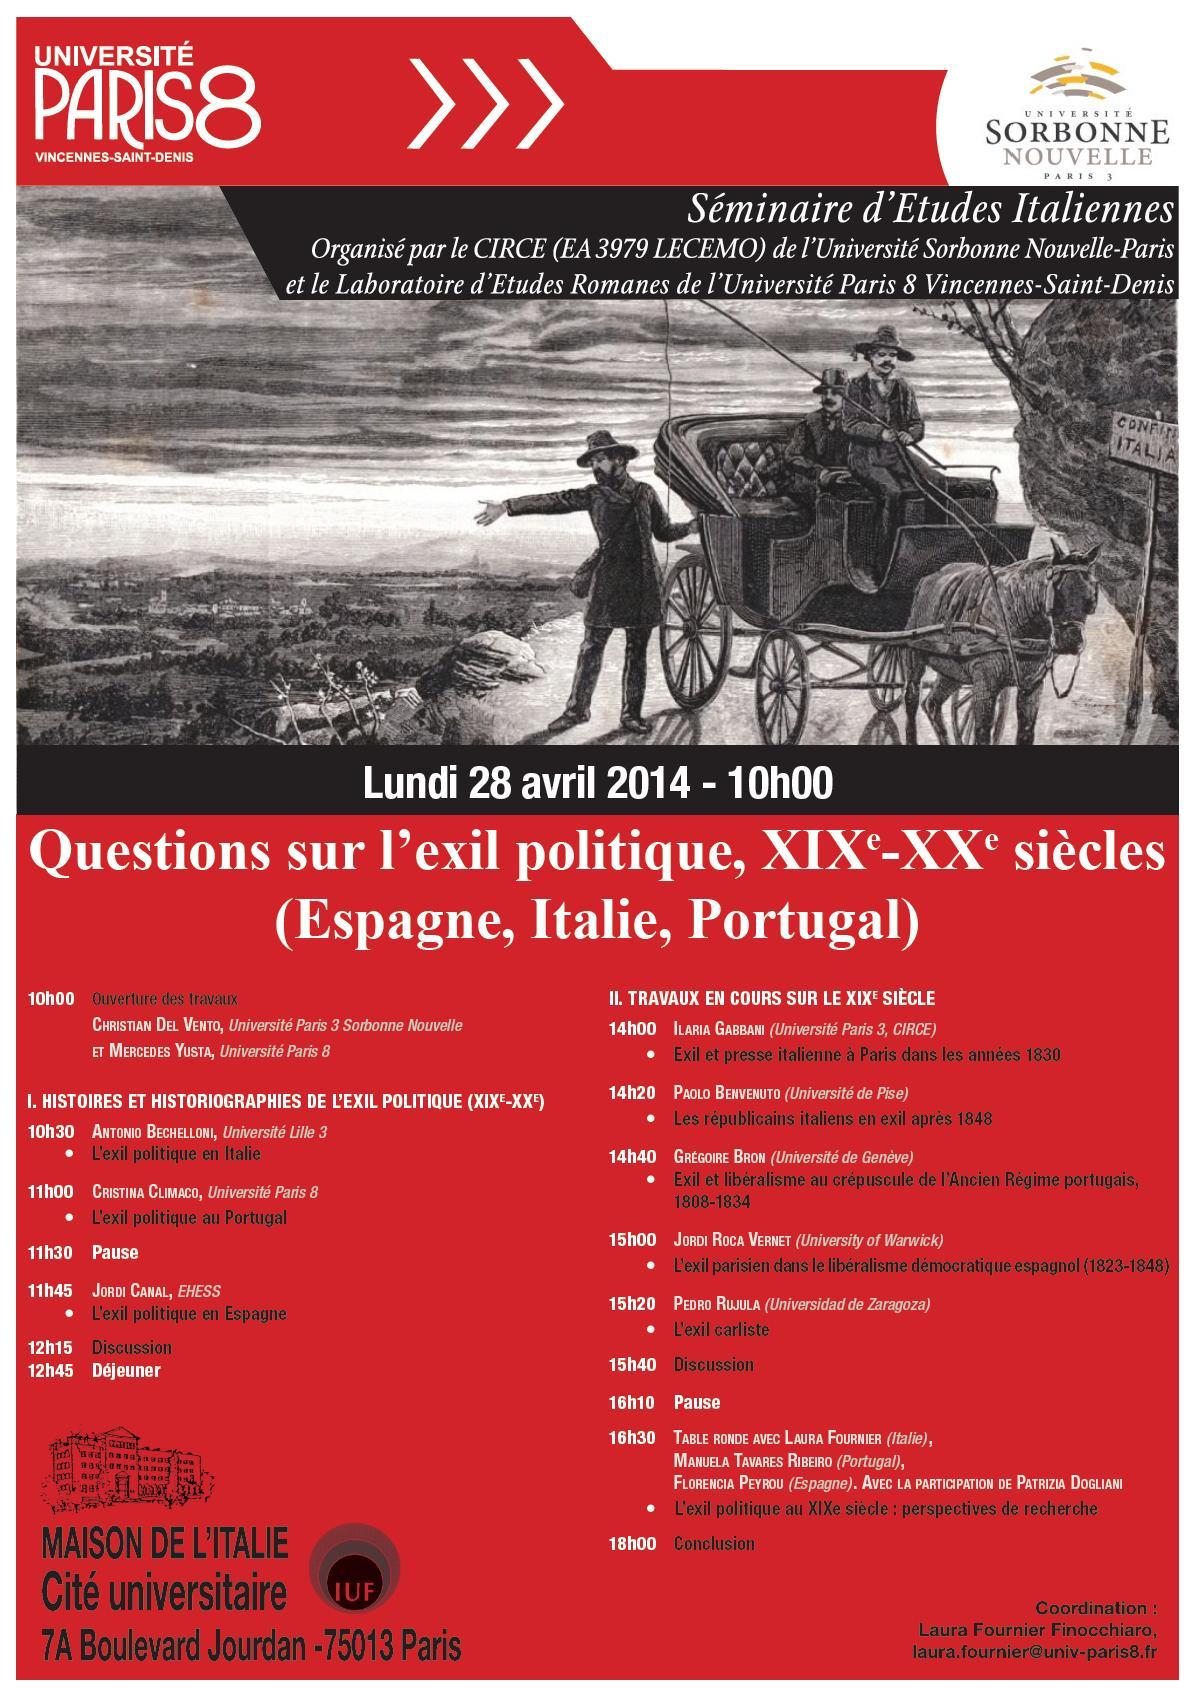 Questions sur l'exil politique